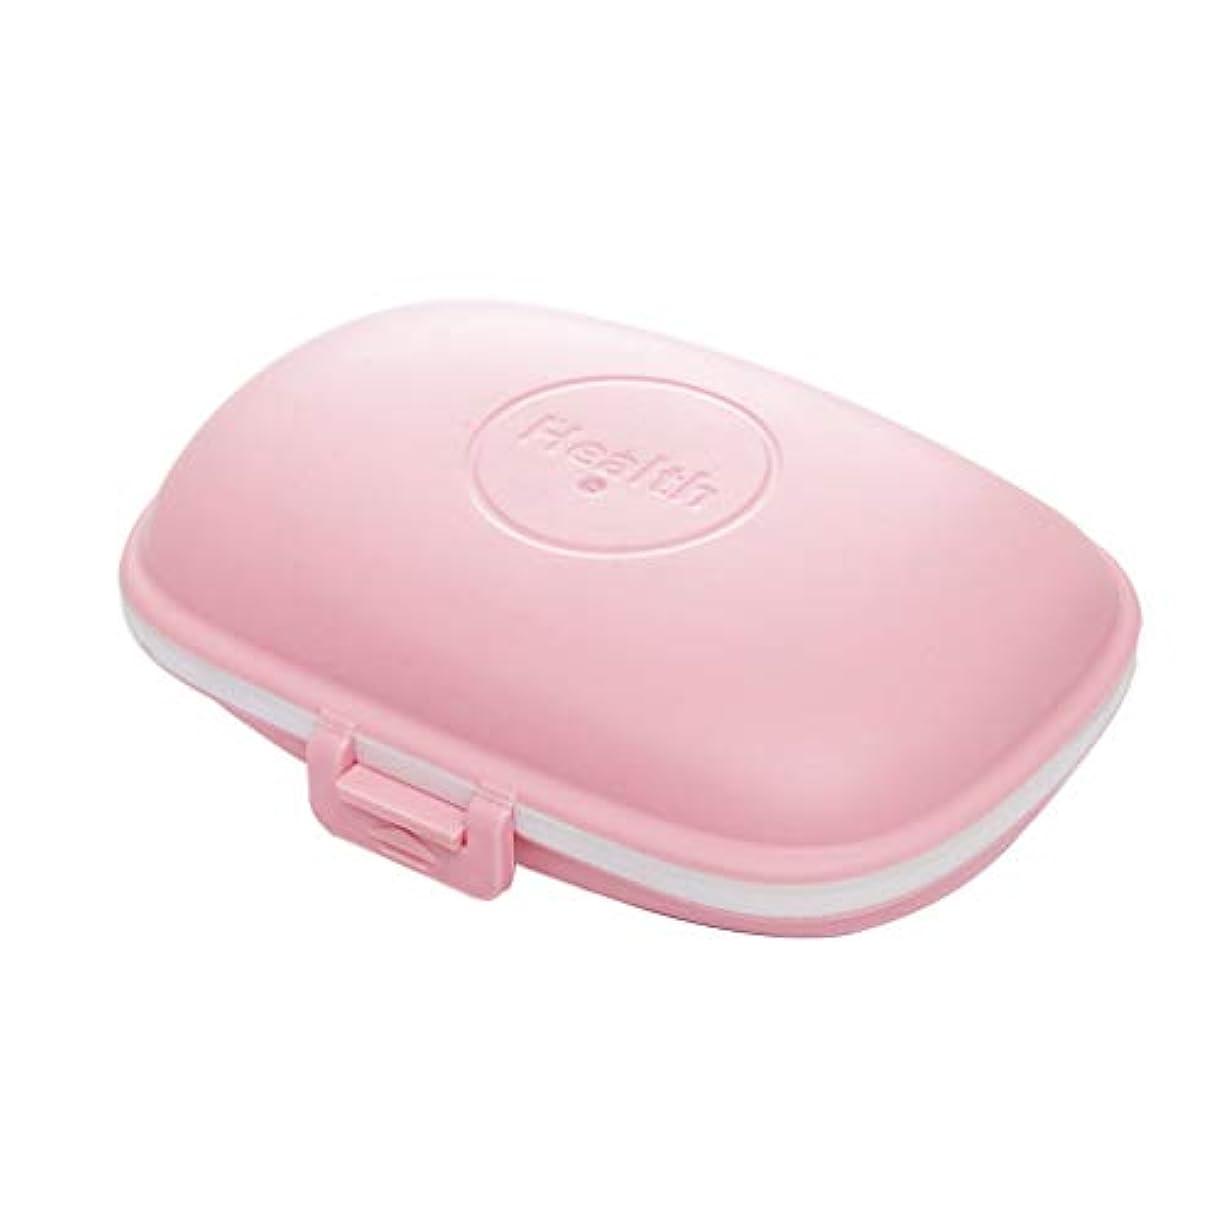 家庭用薬箱ポータブル薬箱薬収納ボックス子供ミニ薬箱週薬箱 LIUXIN (Color : Pink, Size : 11cm×8cm×3.5cm)